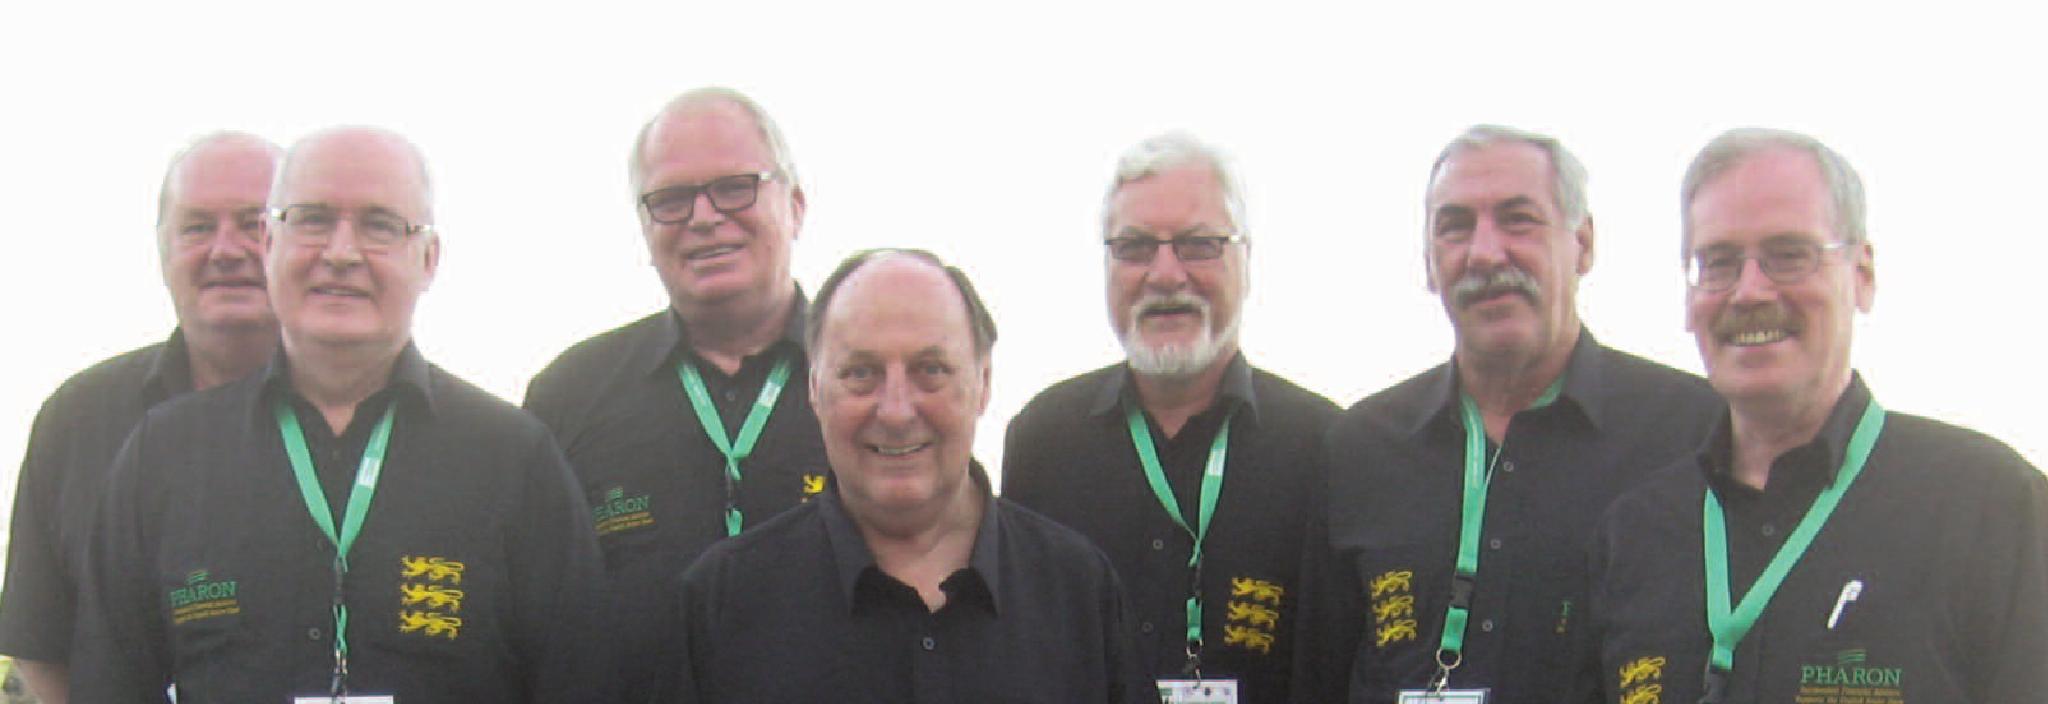 England Seniors Team - EC 2014 (EBL)